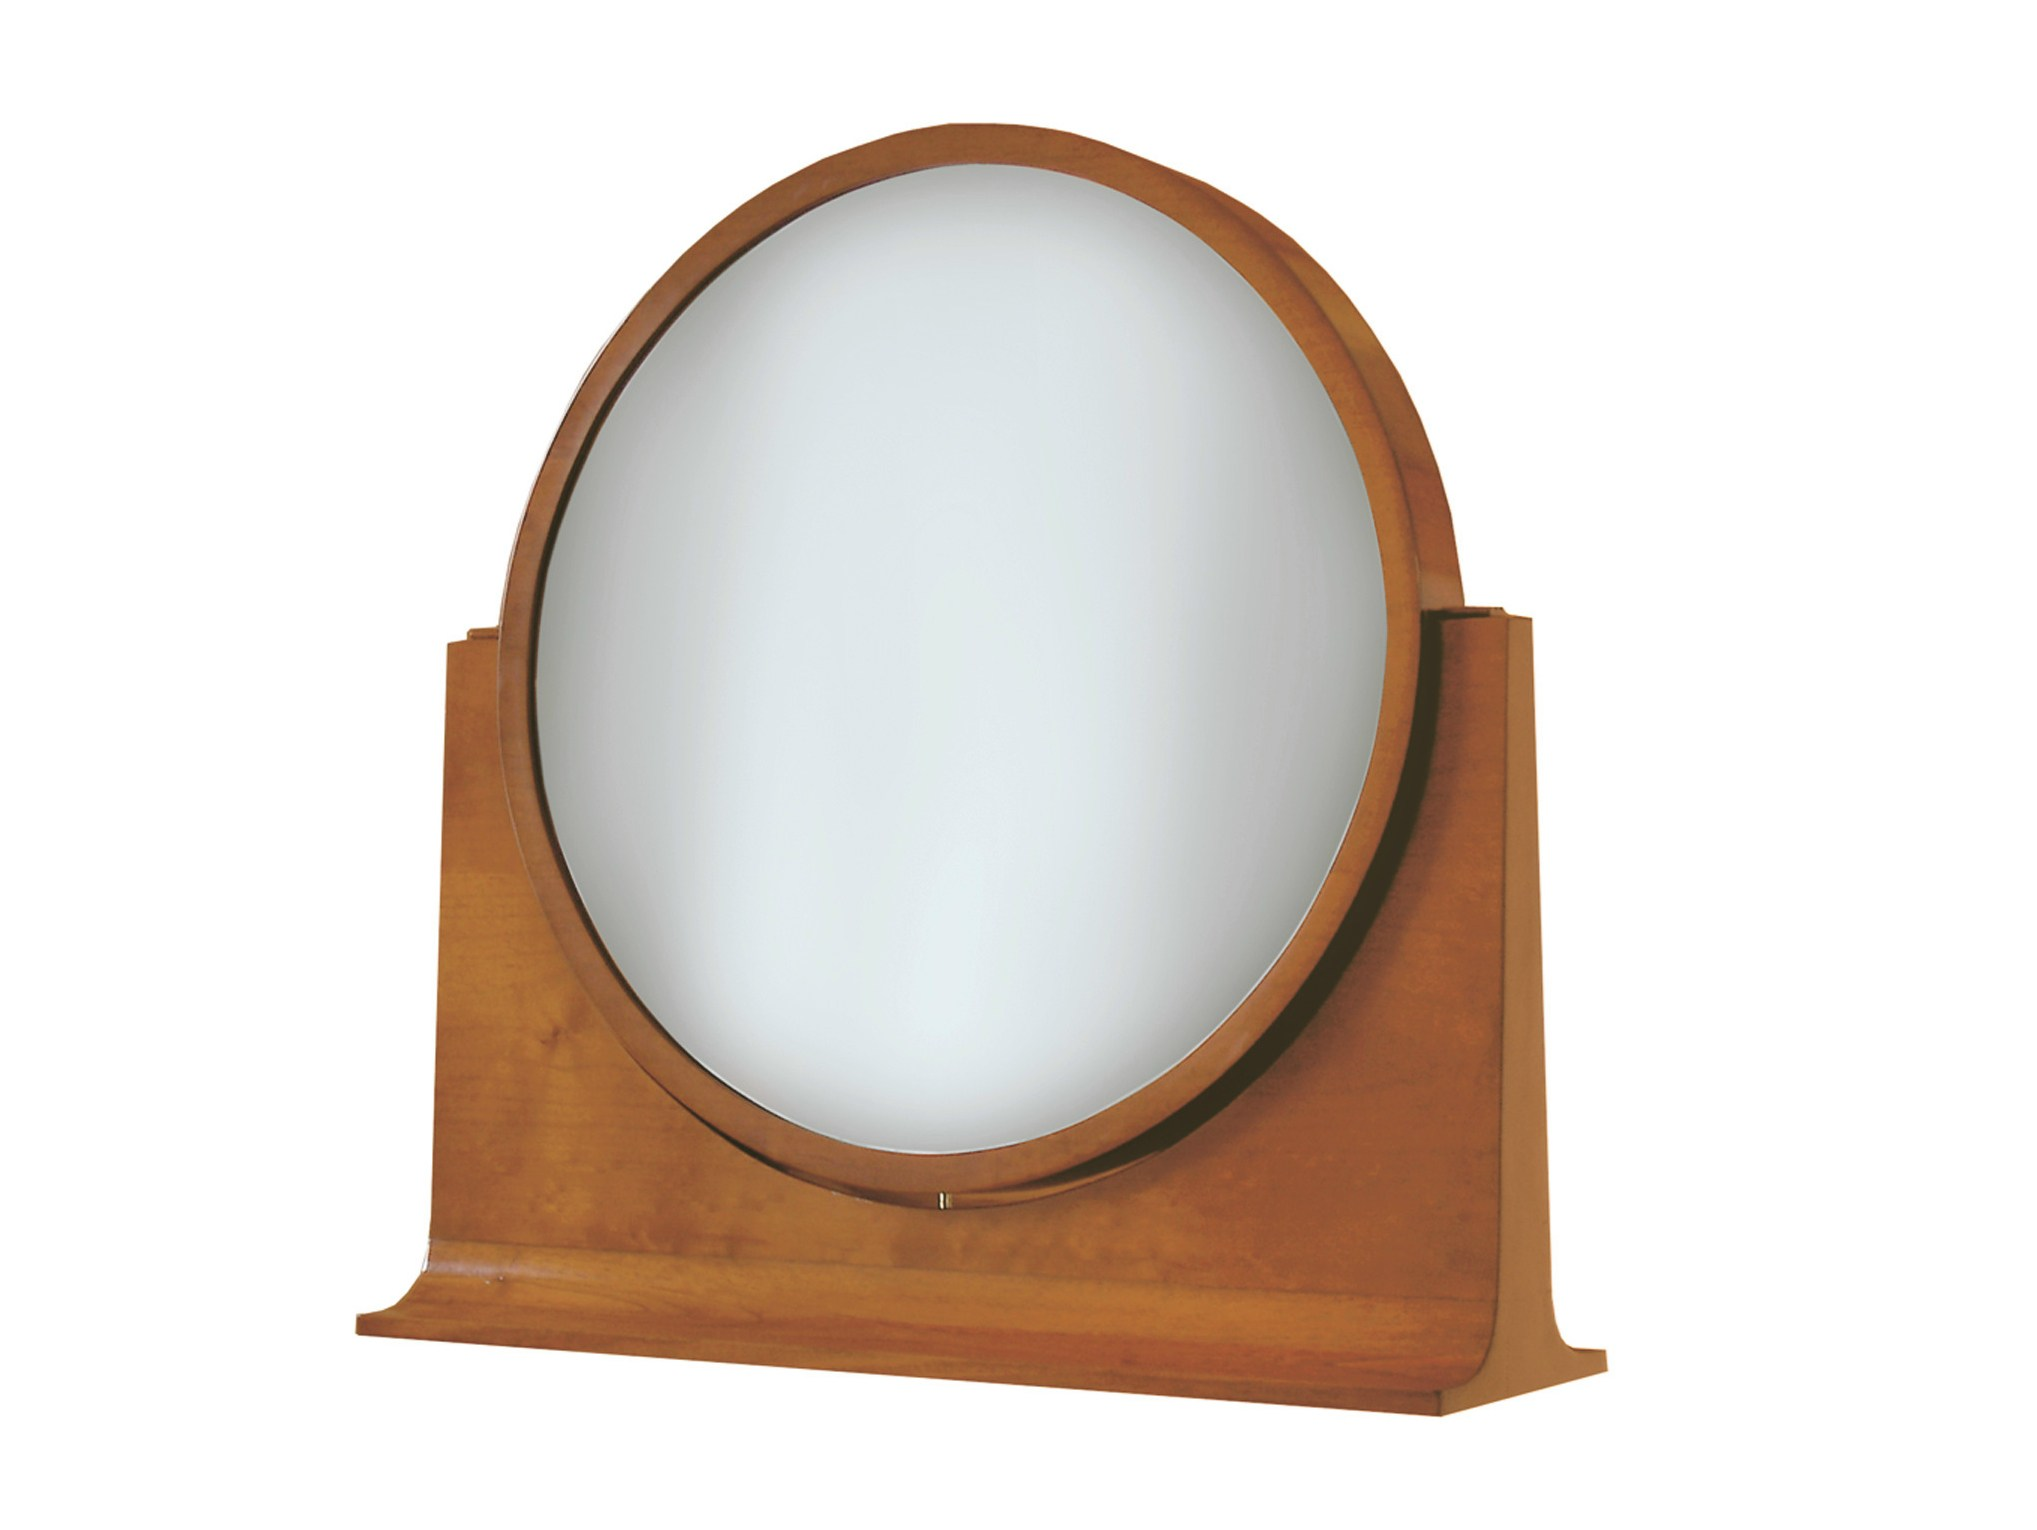 Specchio da appoggio specchio collezione 39 900 by morelato - Specchio da appoggio ...